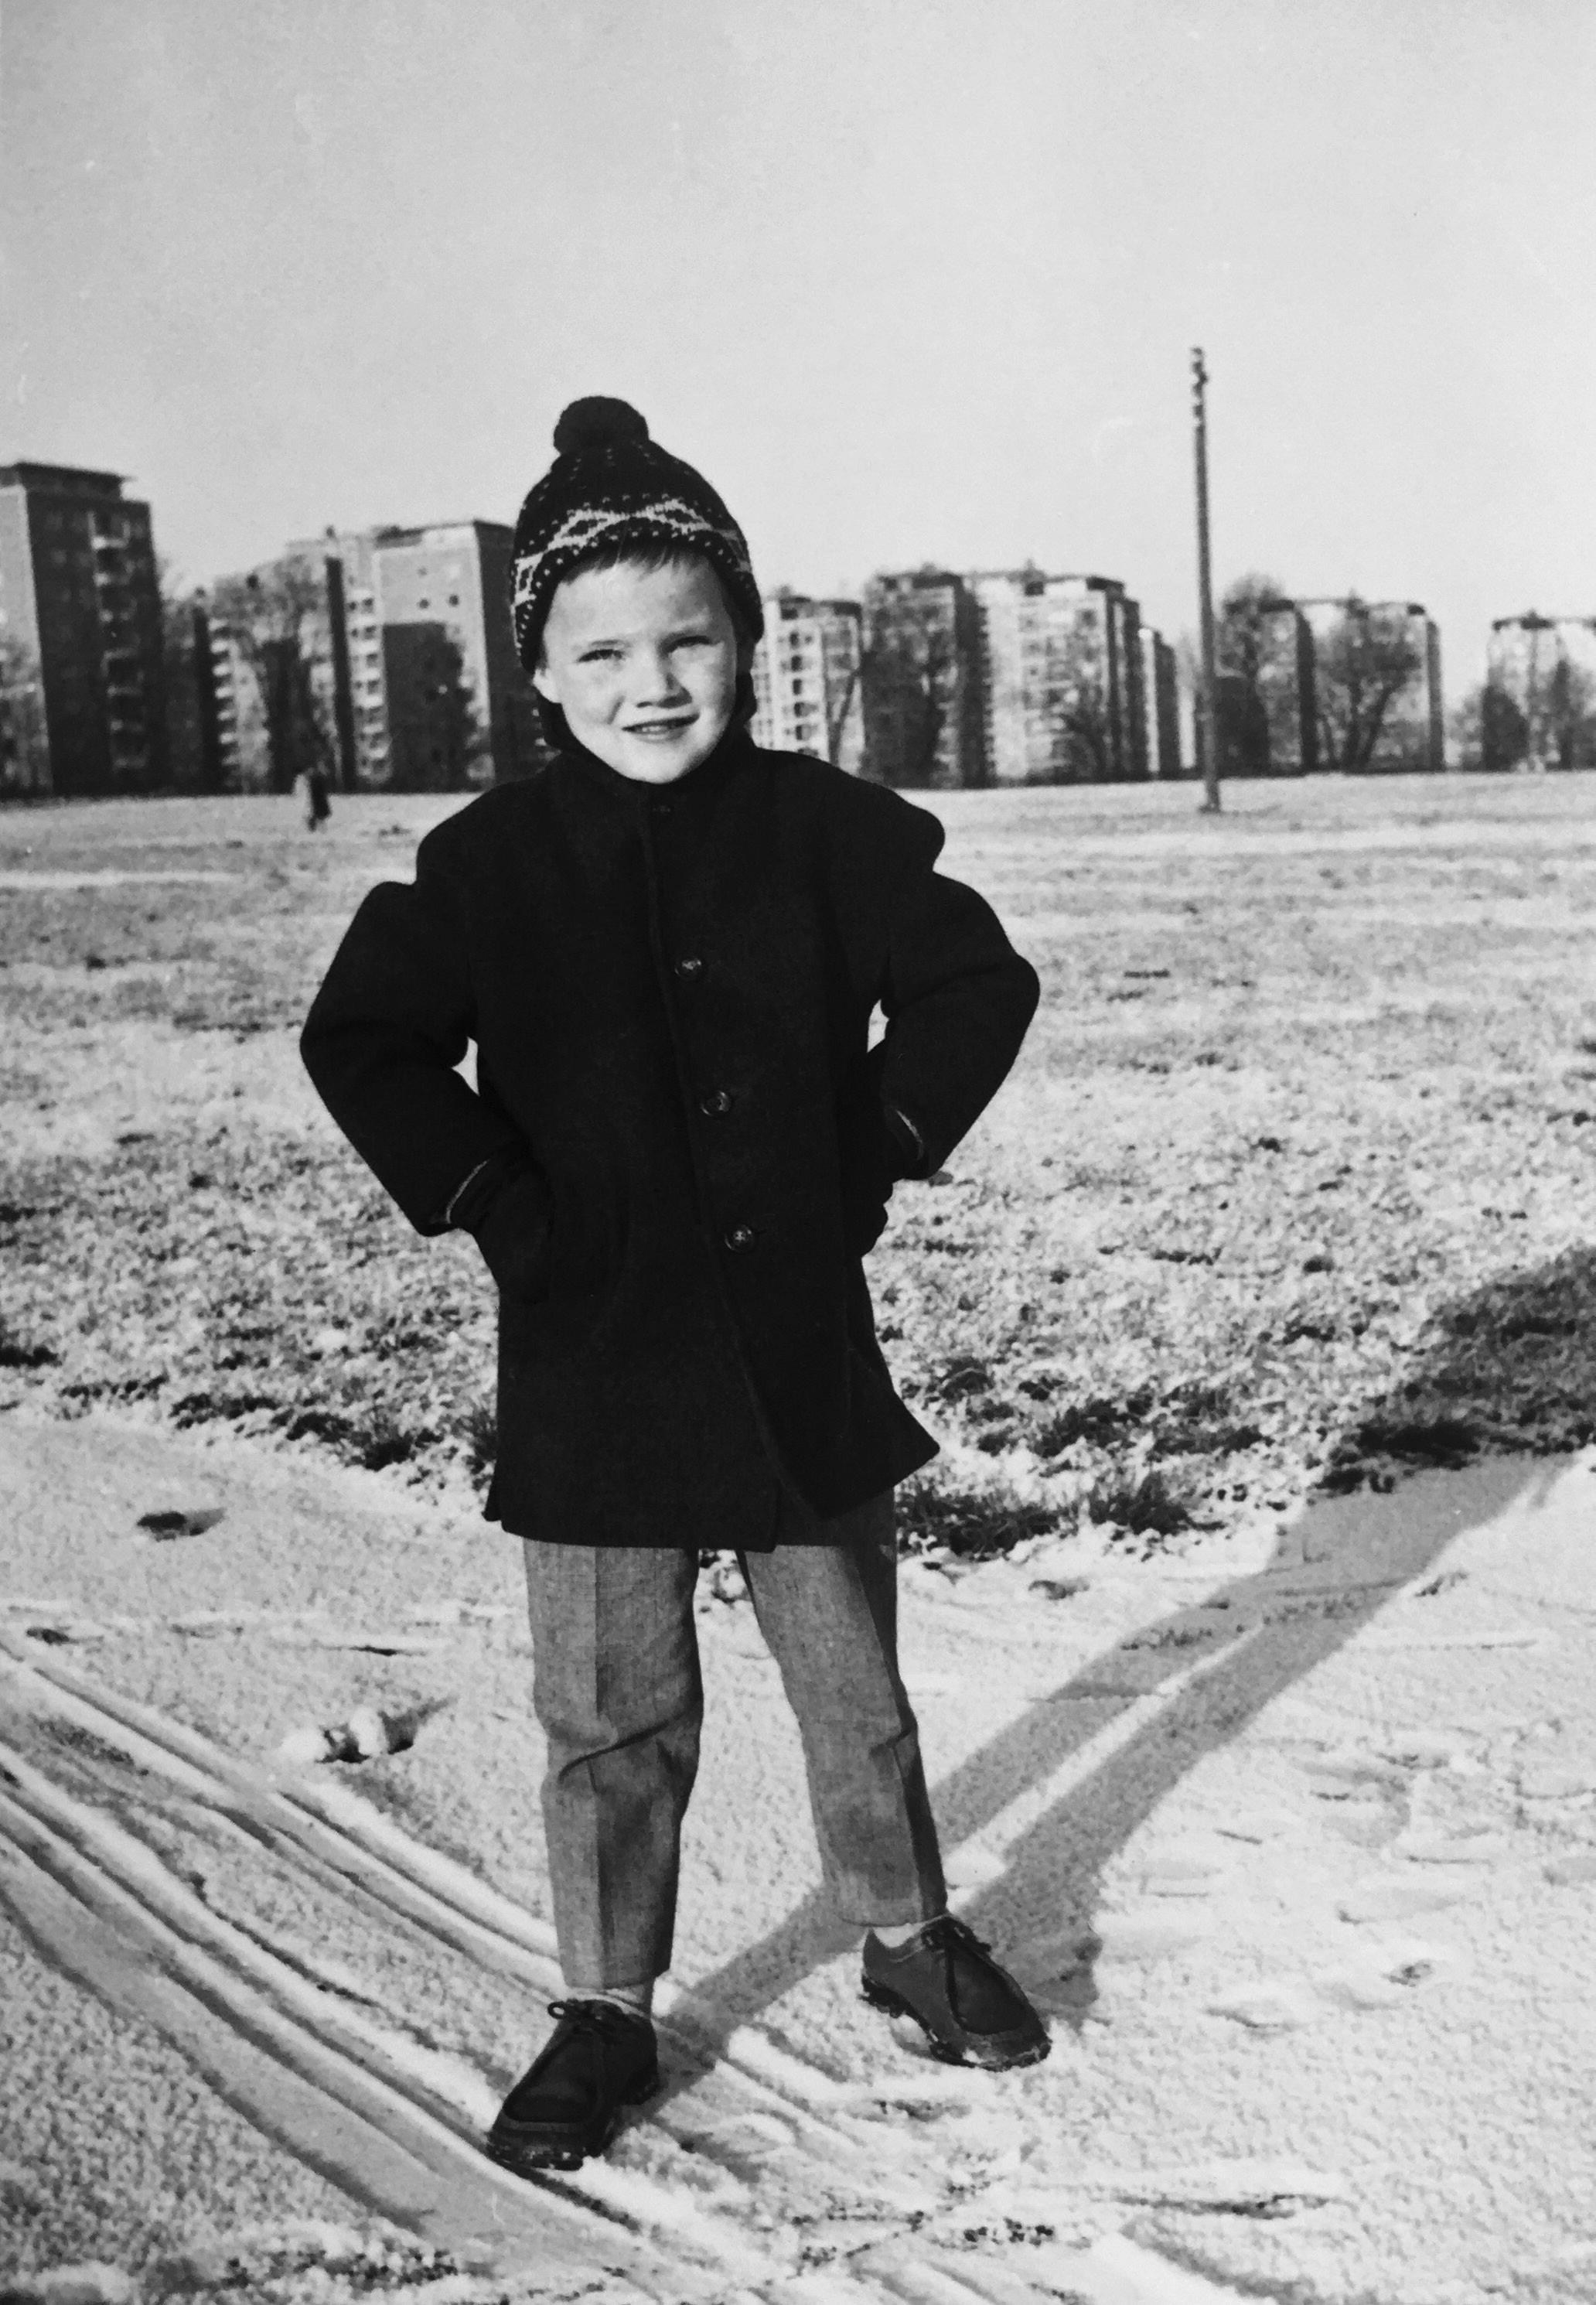 Barndom, 1960, 1960'erne, 60'erne, de glade 60'ere, Min barndom, kendte danskere om deres barndom, Jes Stein Pedersen, Camilla Plum, Jesper Theilgaard, Mogens Blom, Hanne Richardt Beck.